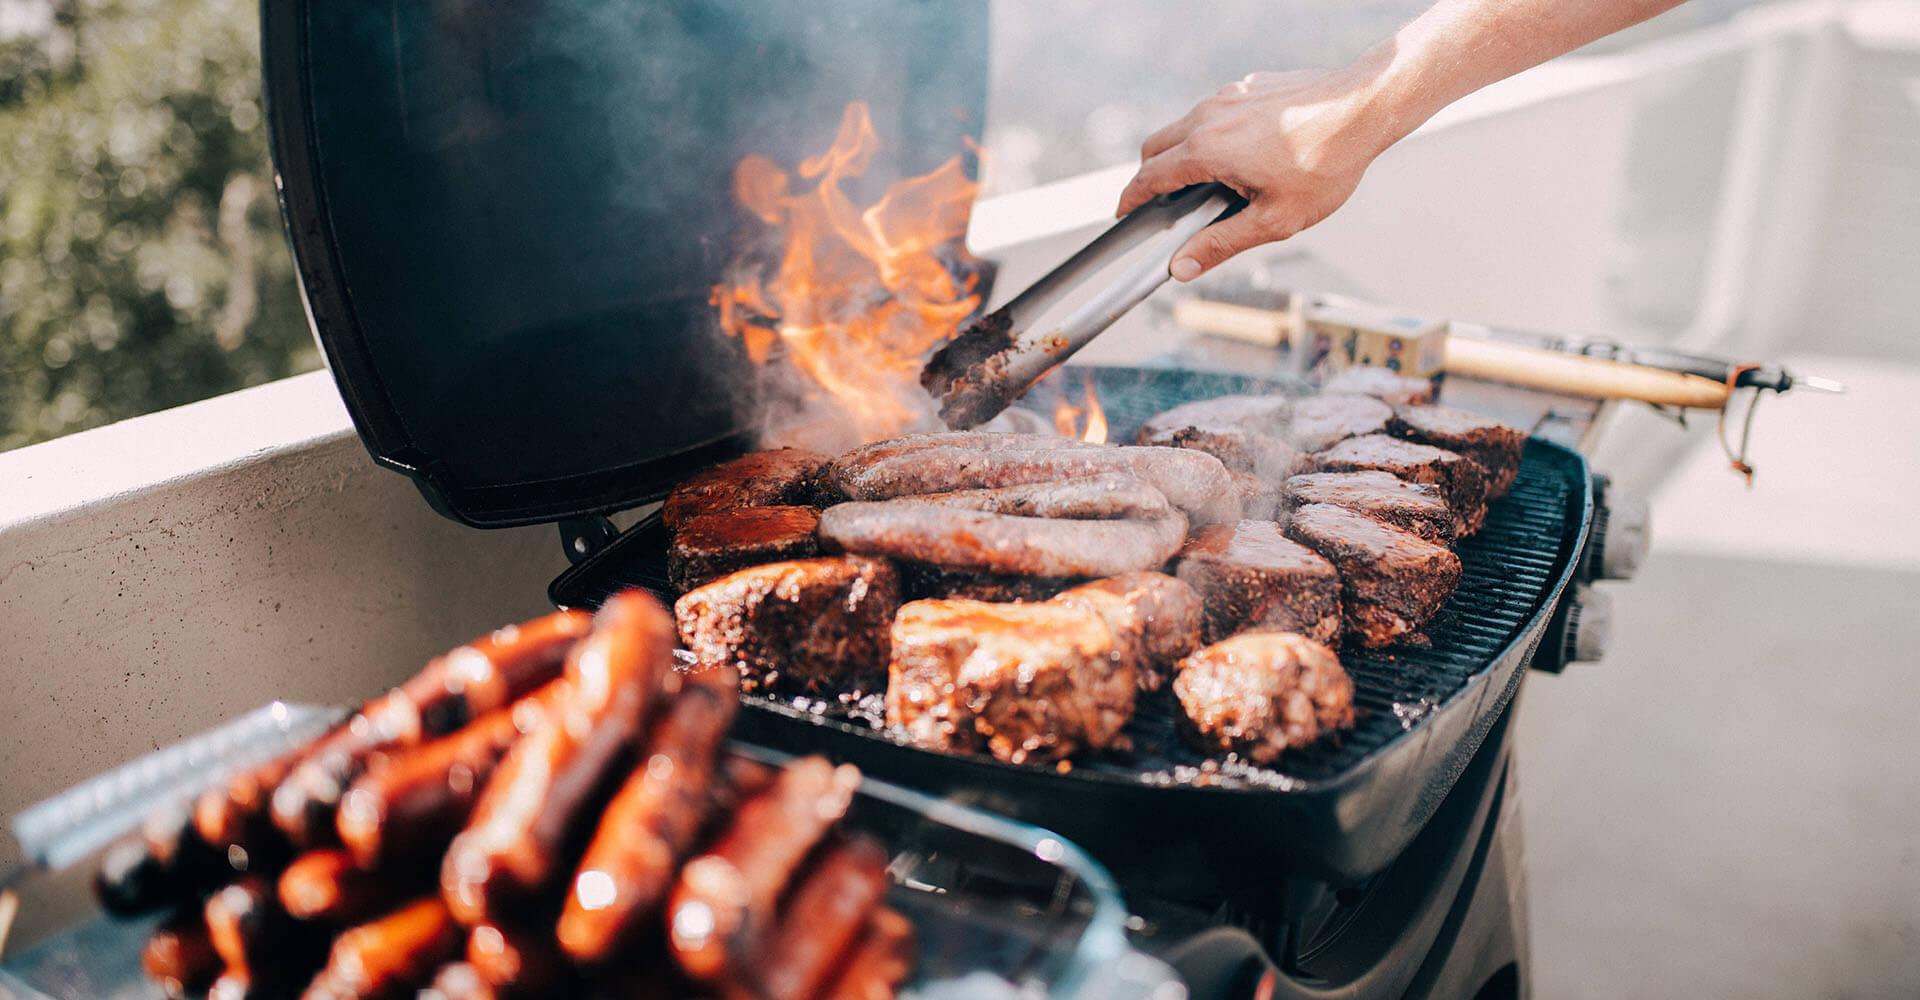 Auf einem Grill werden Steaks und Wüstchen gebraten